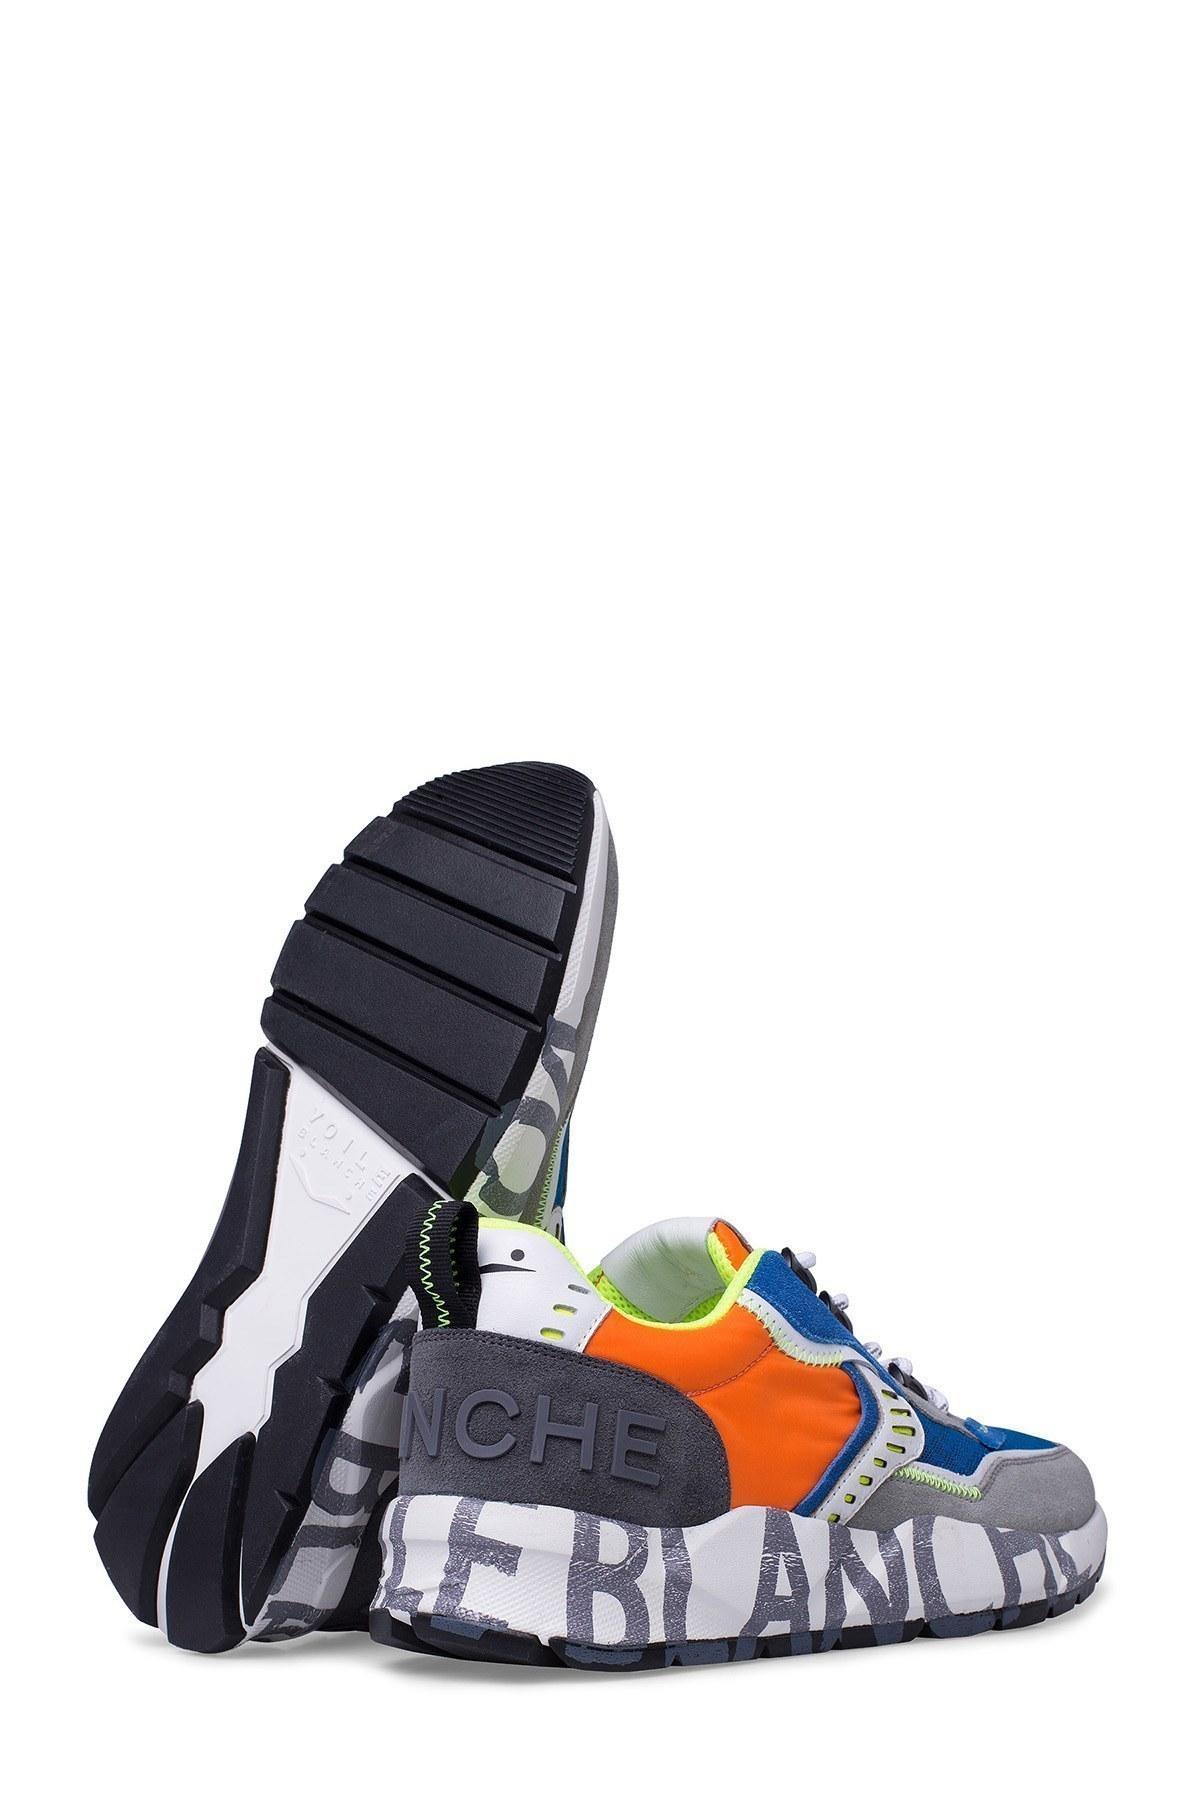 Voile Blanche Erkek Ayakkabı 0012014828.01.1B60 BEYAZ-SAKS